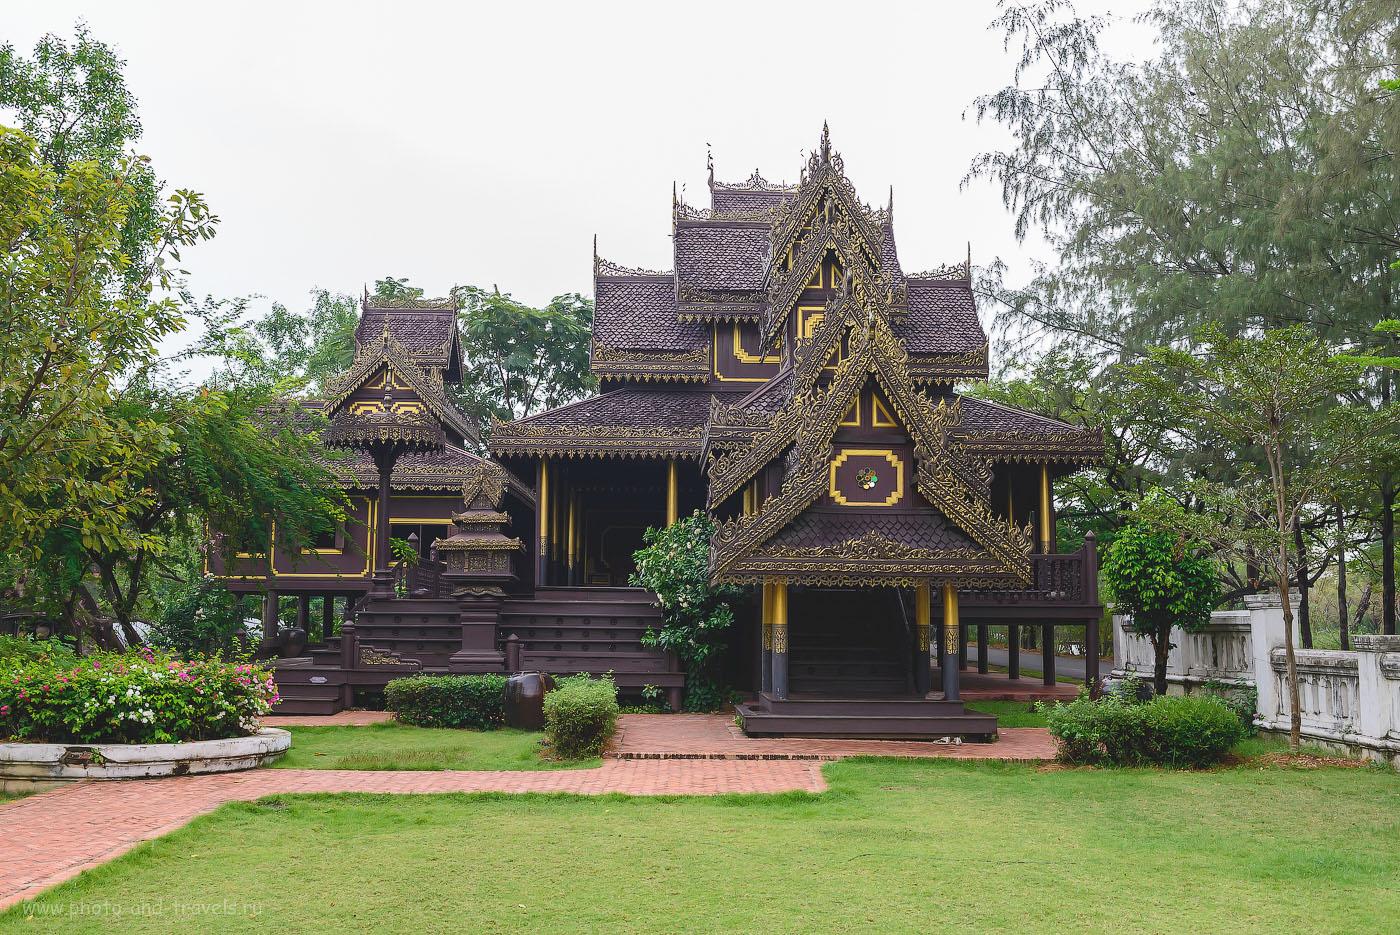 12. Традиционный деревянный дом в Таиланде (The Dvaravati House, деревянный дом в стиле Дваравати (древнее королевство на территории Южного Таиланда, существовавшее в 6-11 веке). 1000, 36, 10.0, 1/160)